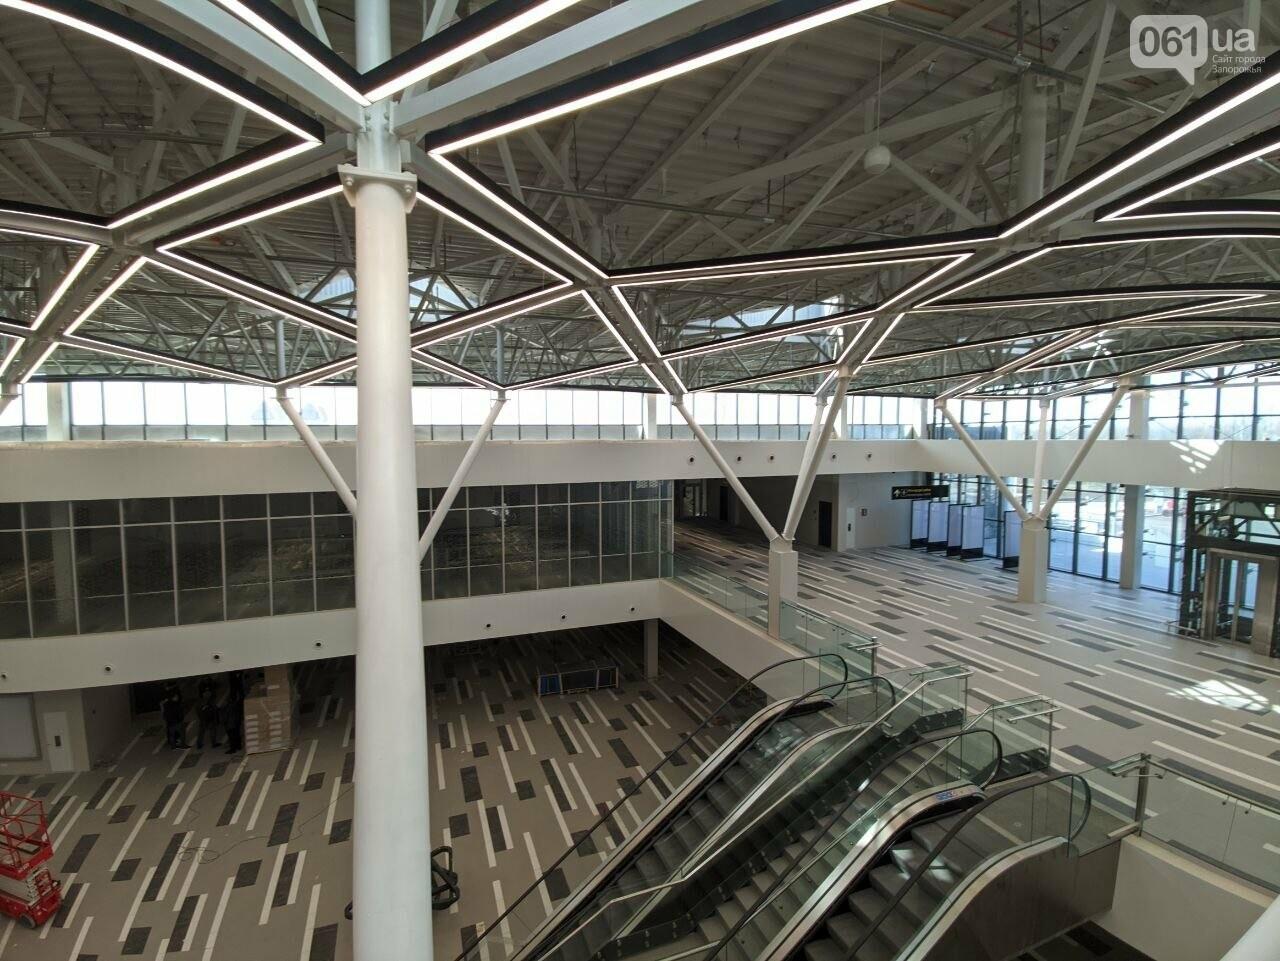 В новом терминале запорожского аэропорта смонтировали систему освещения главного холла, - ФОТО, фото-3